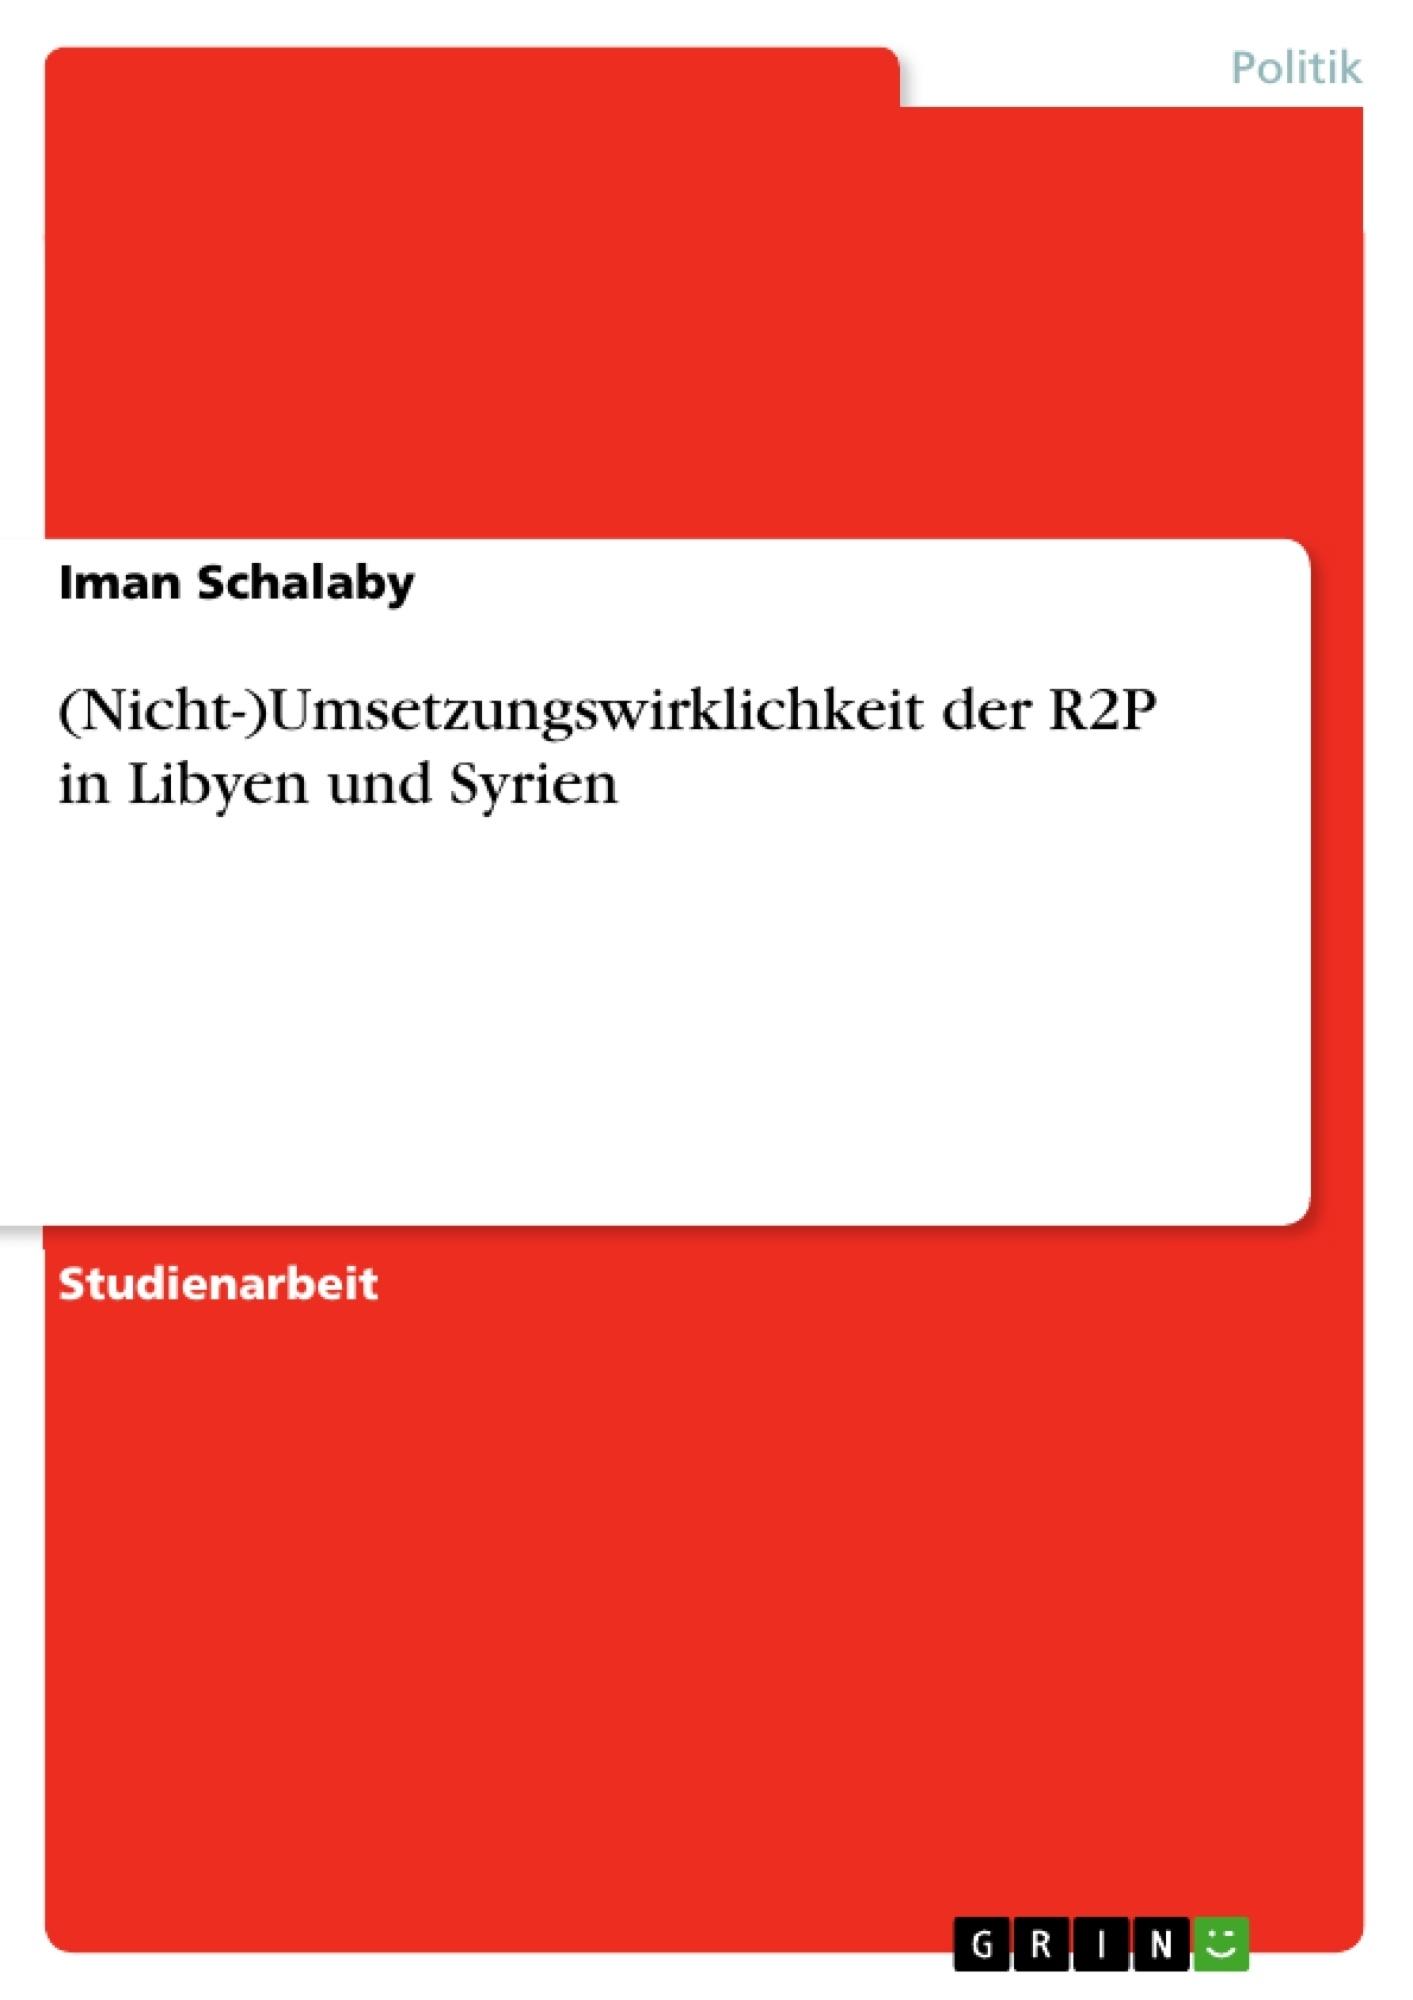 Titel: (Nicht-)Umsetzungswirklichkeit der R2P in Libyen und Syrien